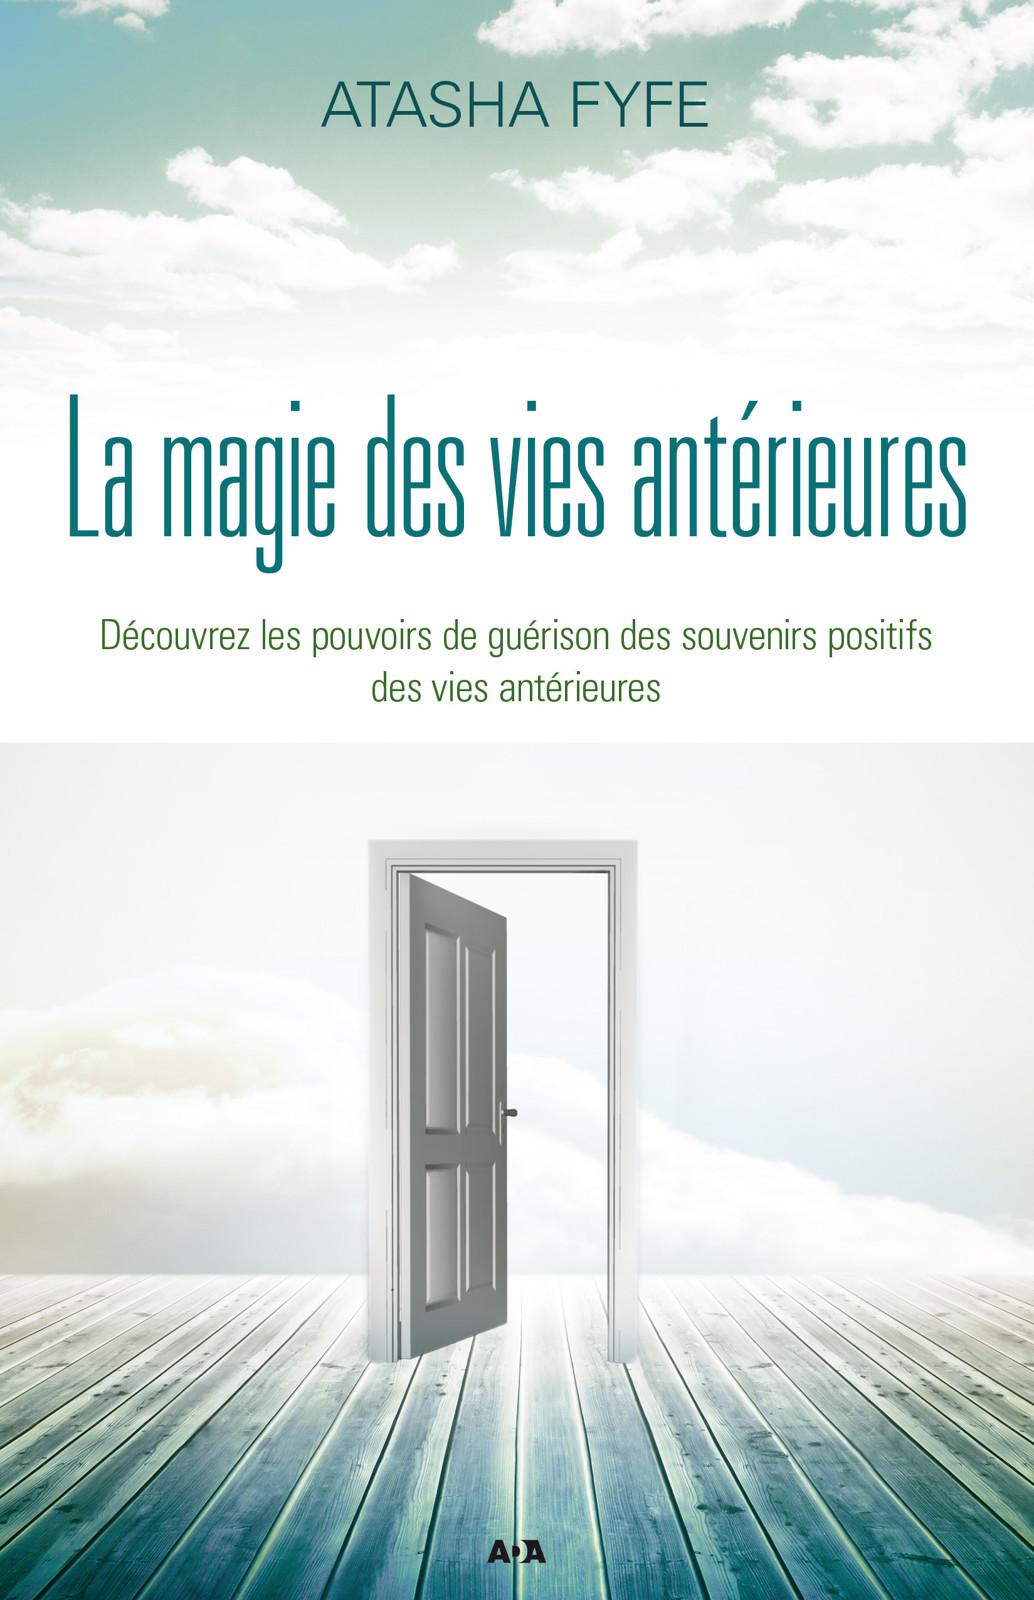 La magie des vies antérieures, Découvrez les pouvoirs de guérison des souvenirs positifs des vies antérieures